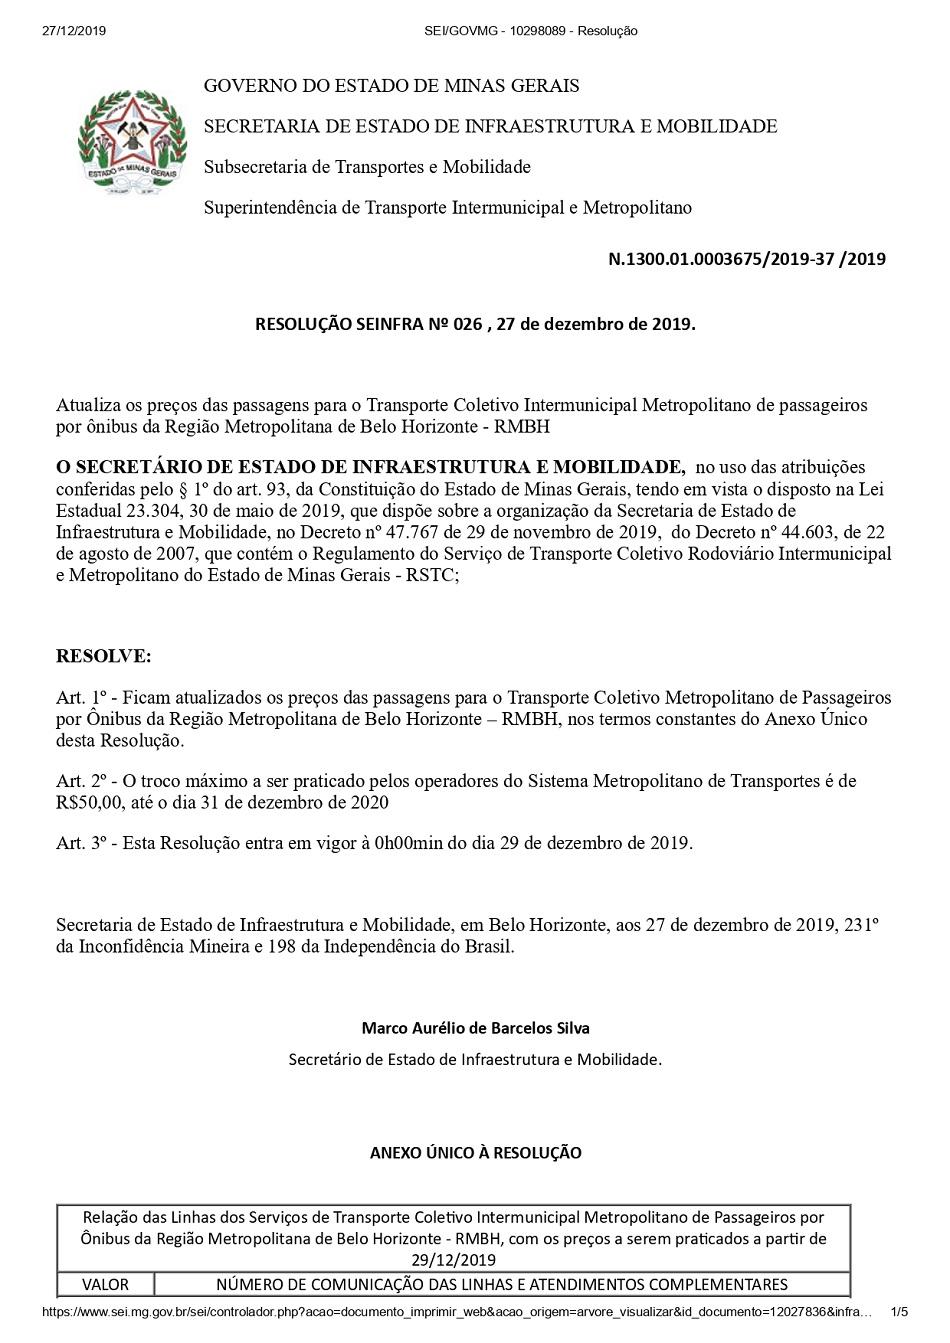 Resolucao-SEINFRA-026-2019_01